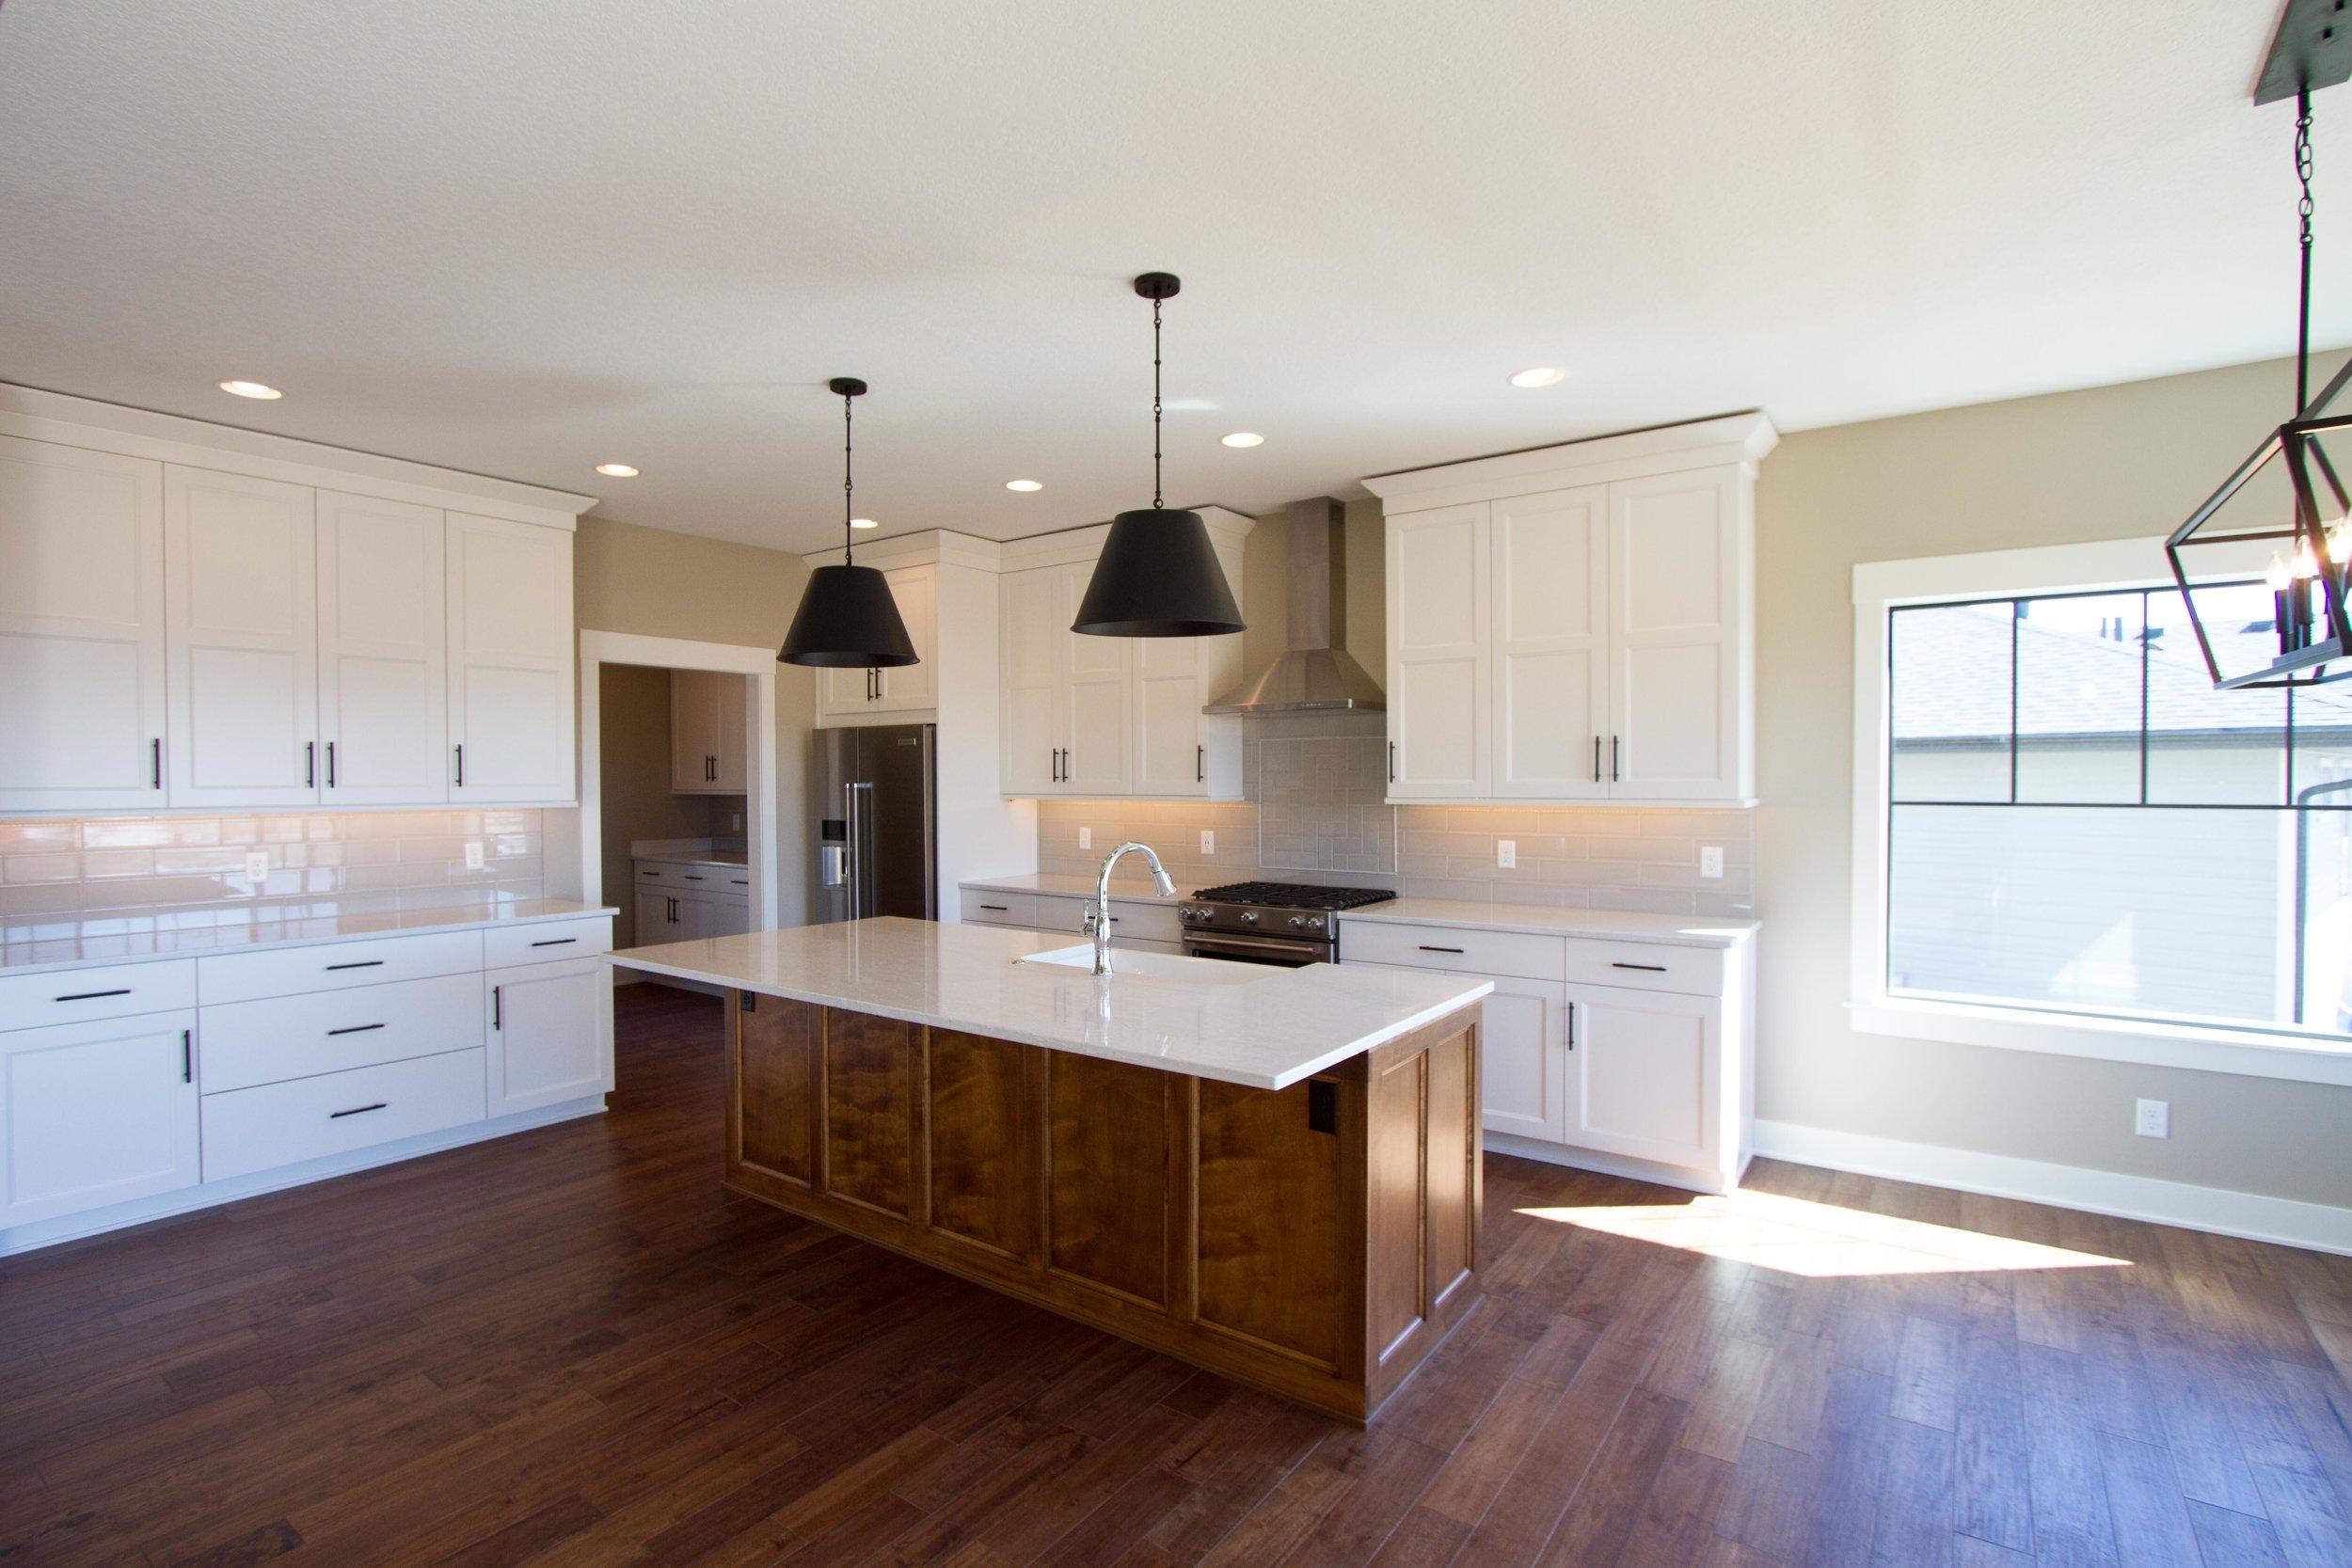 Next_Step_Homes-Kitchen-4.jpg